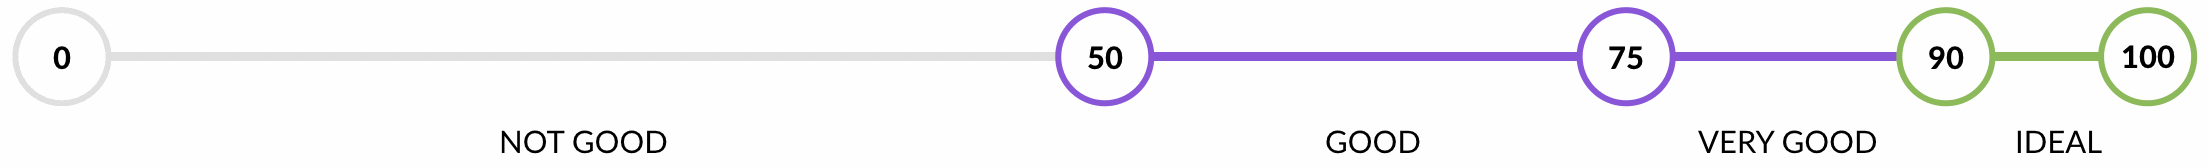 Enervee Score scale